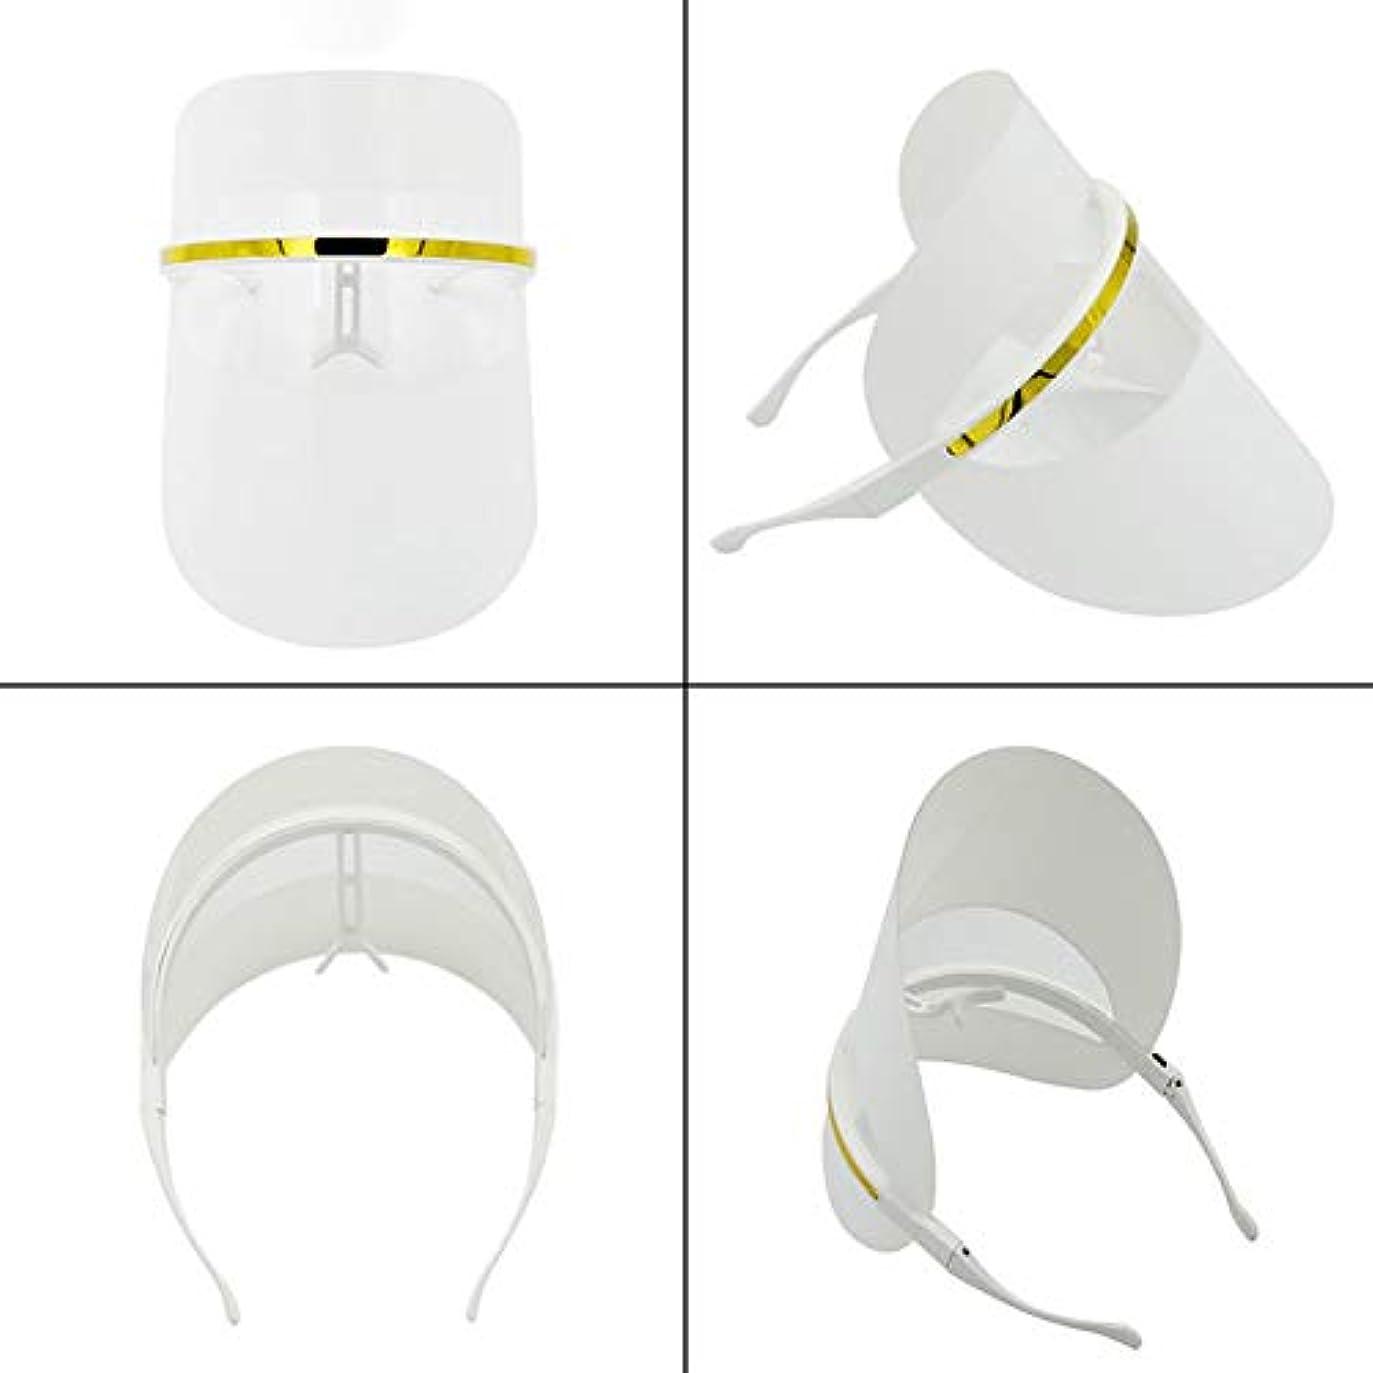 ビジター安定したジャグリング7色LEDフェイスマスク、LEDフォトンビューティーマスク、健康的な肌の若返りのためのフォトンレッドライトセラピー、コラーゲン、アンチエイジング、しわ、瘢痕